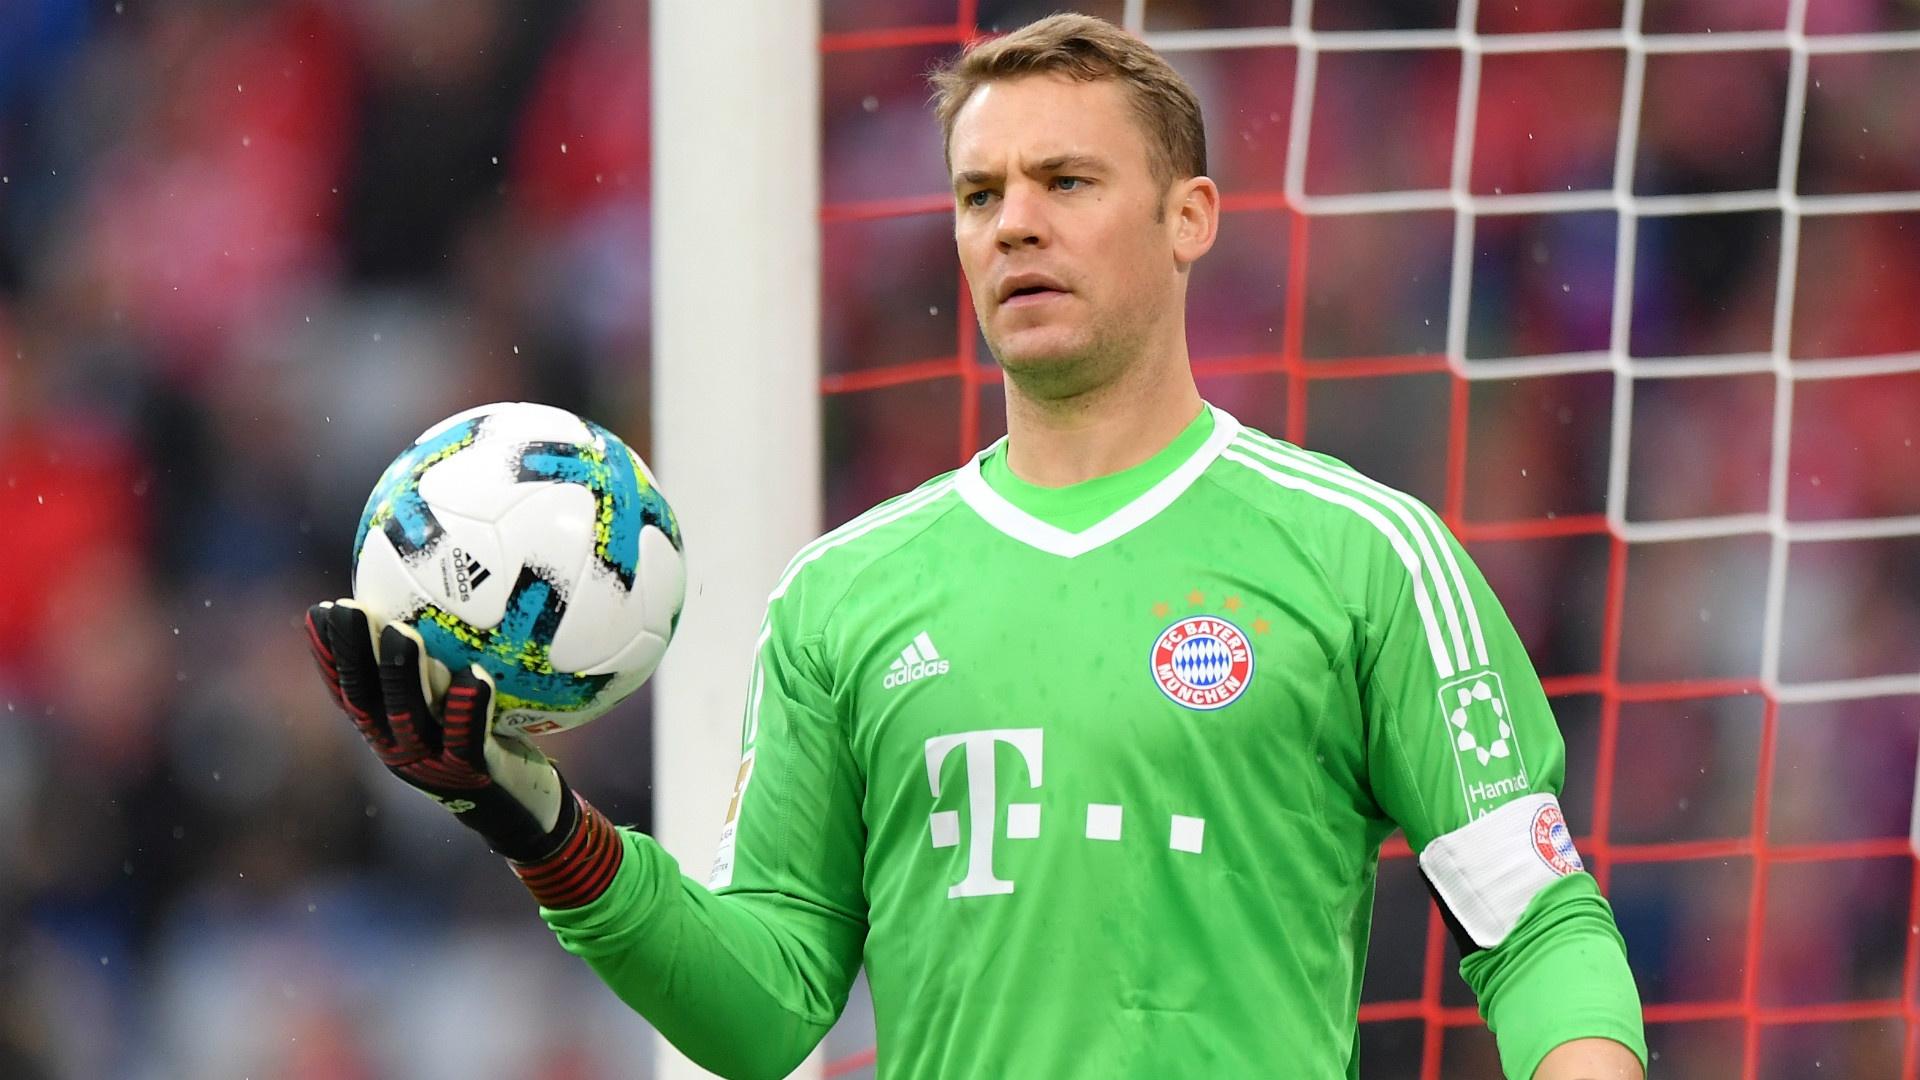 Neuer convaincu d'être au Mondial — Allemagne